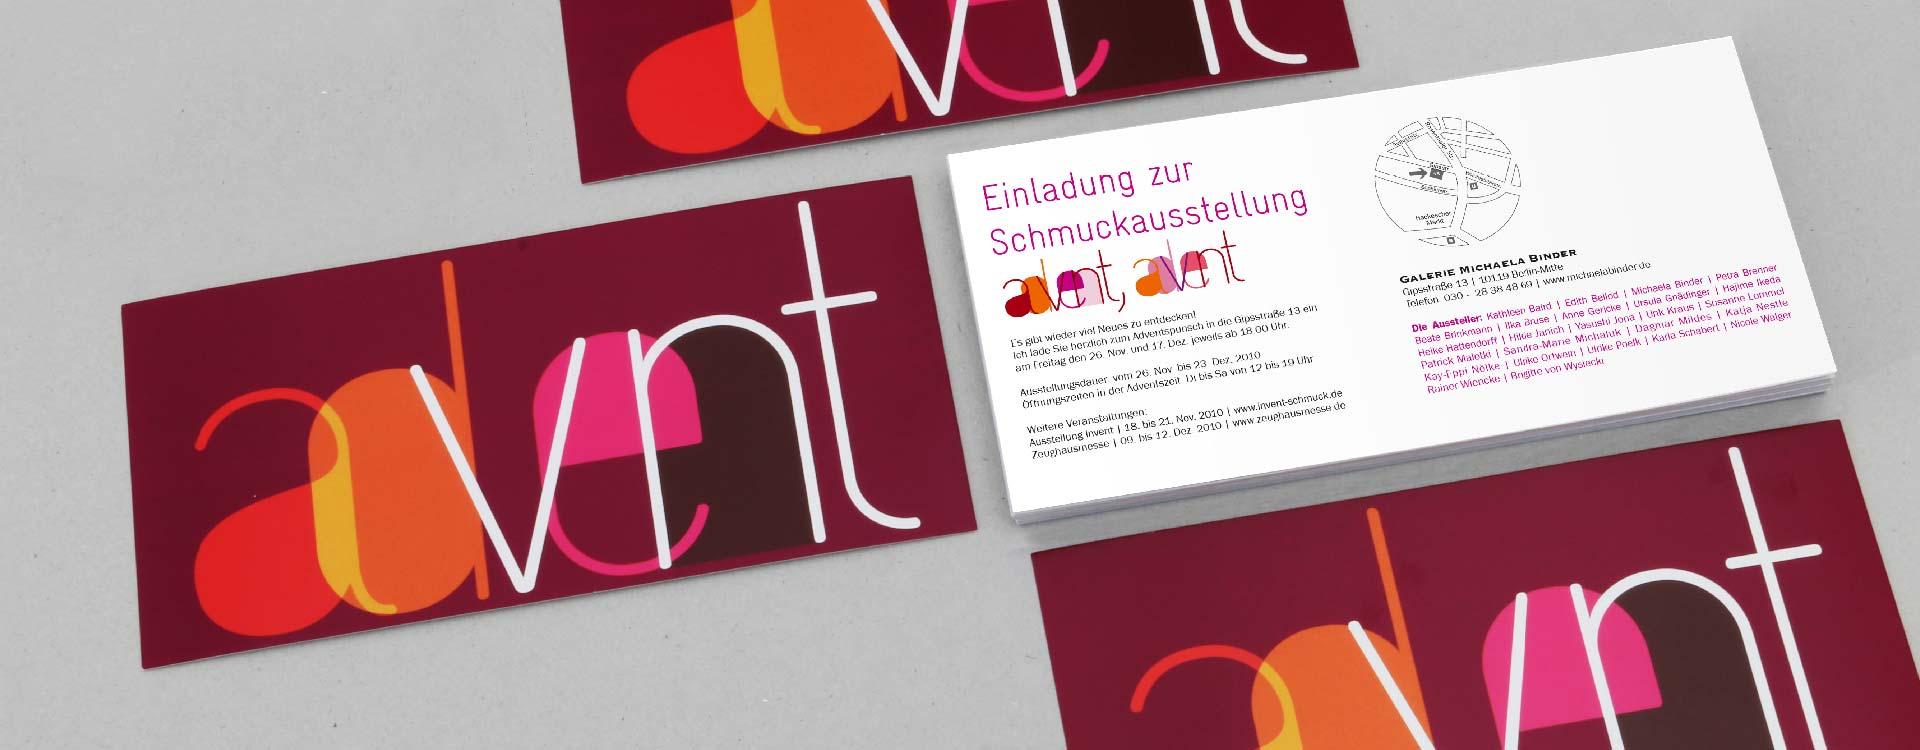 Einladungskarte zur Schmuckausstellung 2010 in der Galerie Michaela Binder, Berlin; Design: Kattrin Richter |Büro für Grafikdesign